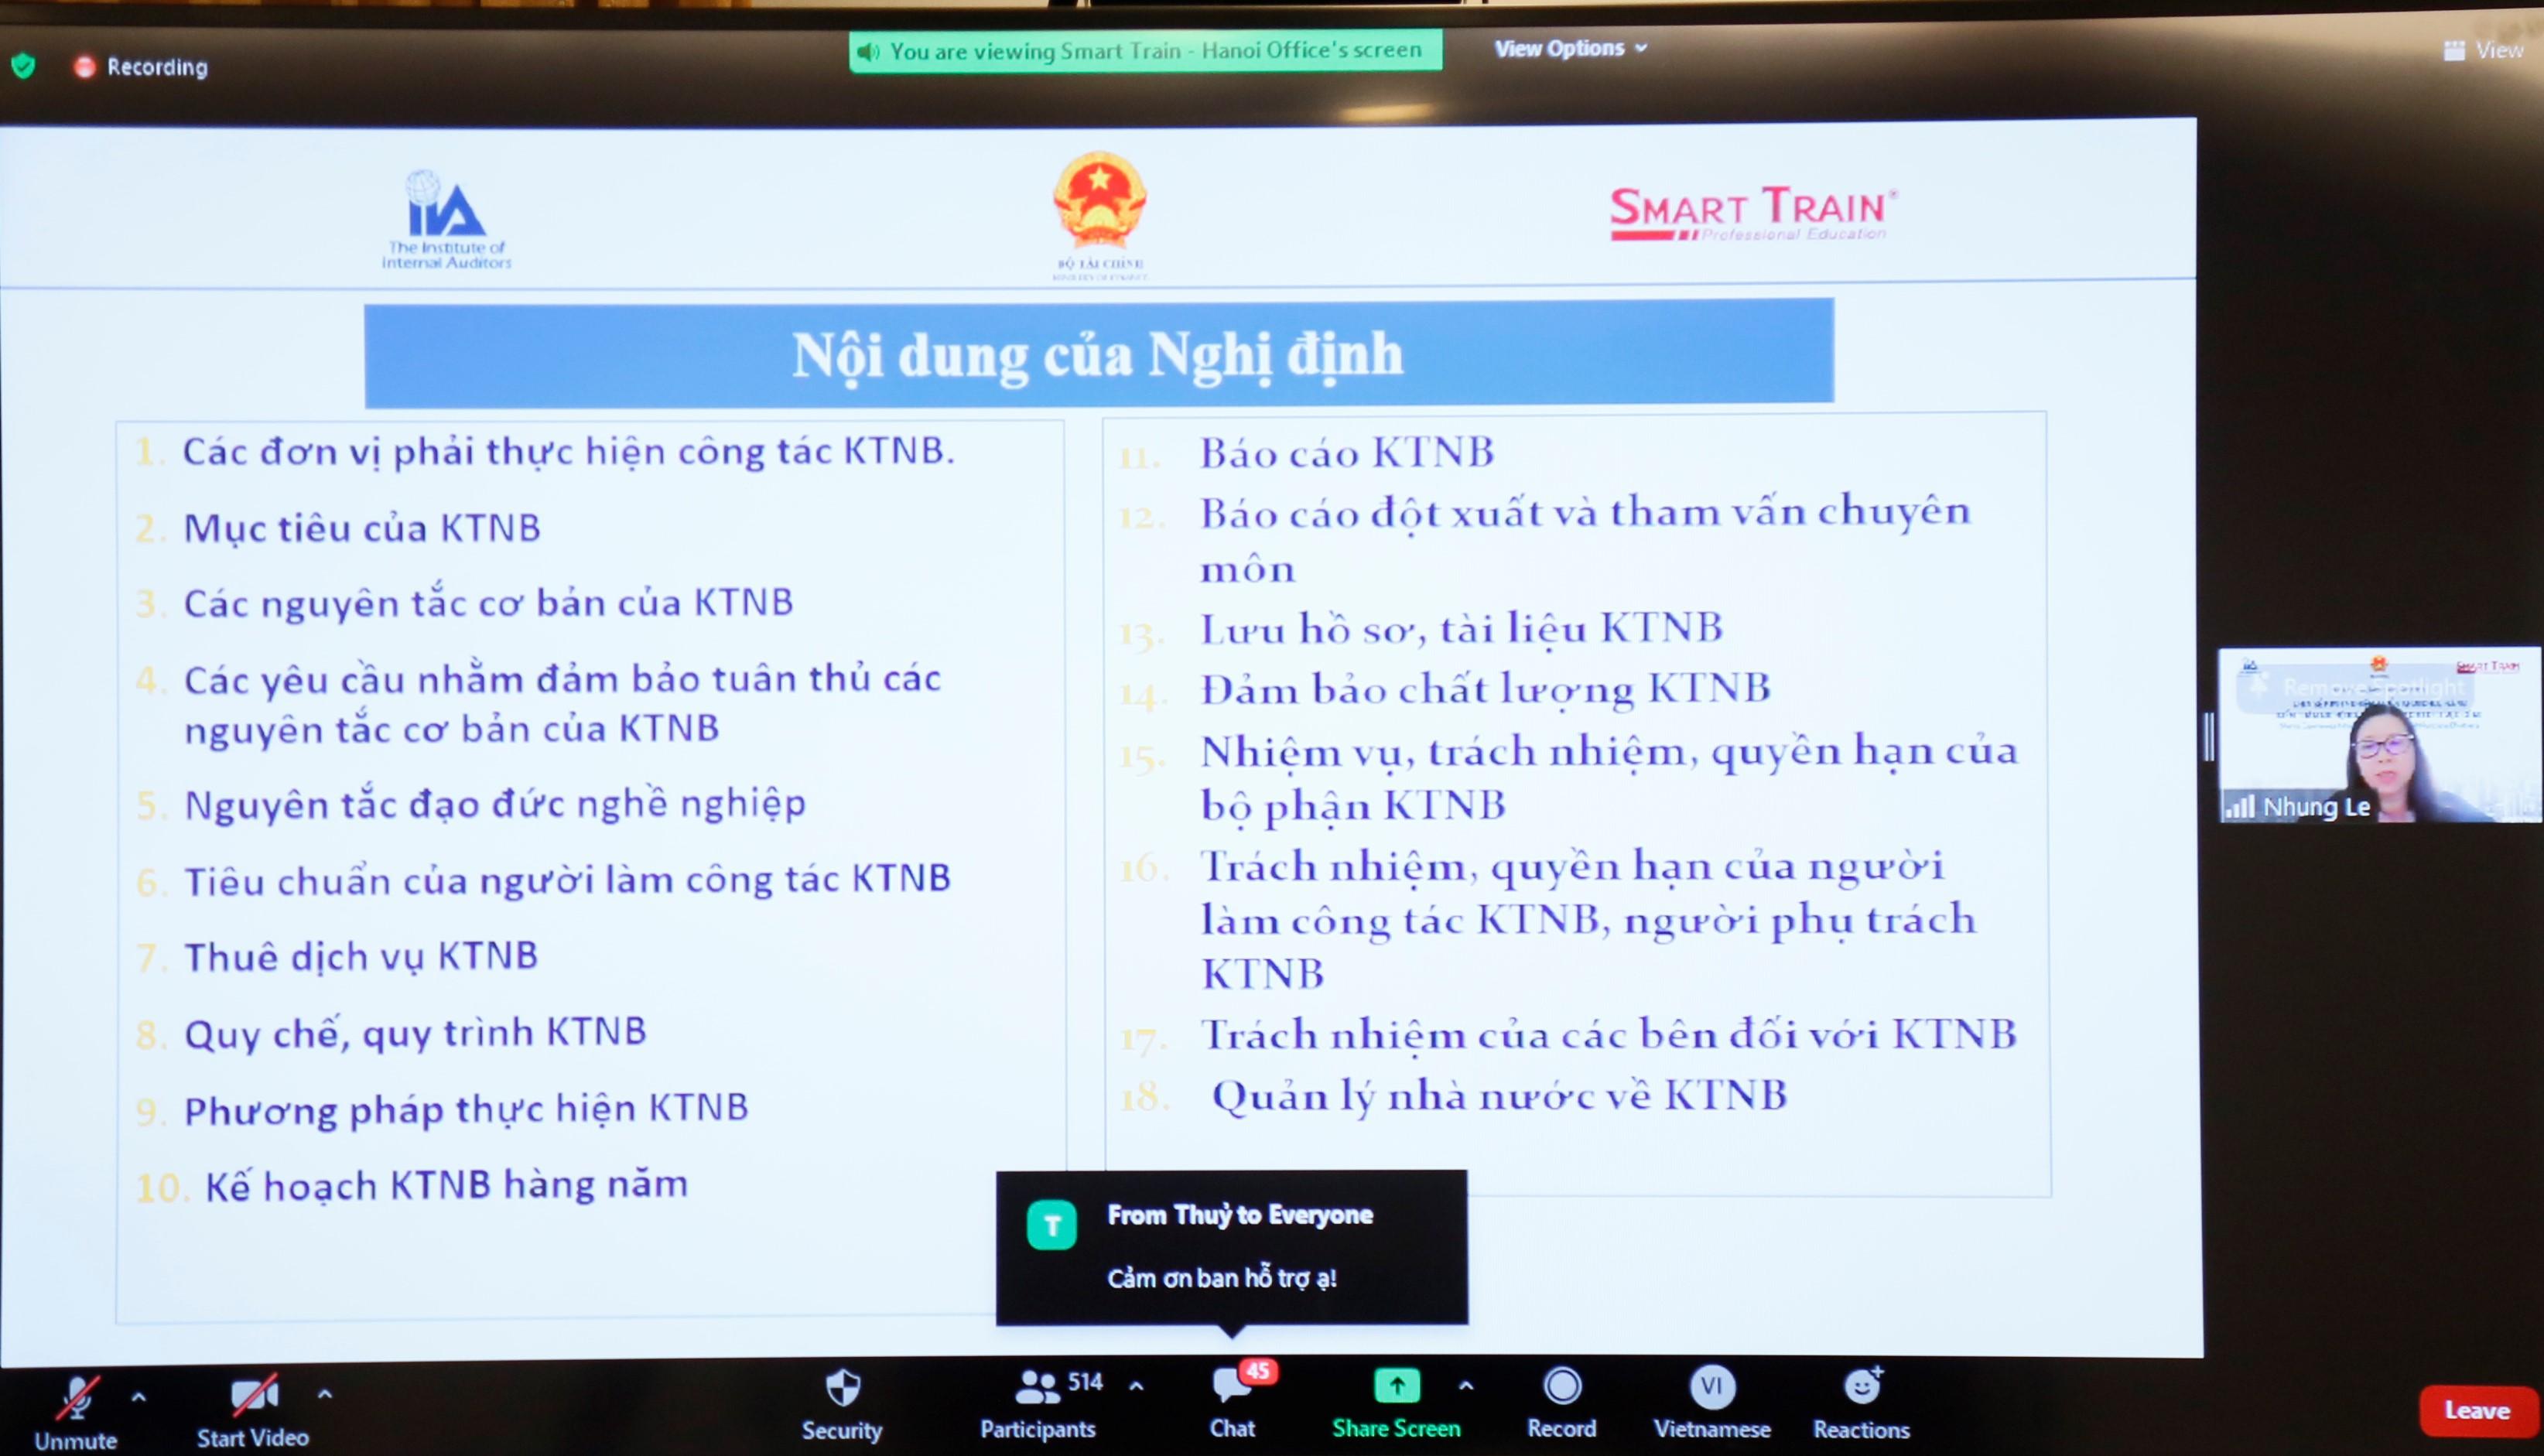 Bà Lê Thị Tuyết Nhung, Phó Cục Trưởng Cục Quản lý Giám sát kế toán và Kiểm toán trình bày về kiểm toán nội bộ trong khu vực công theo quy định của Nghị định số 05/2019/NĐ-CP.